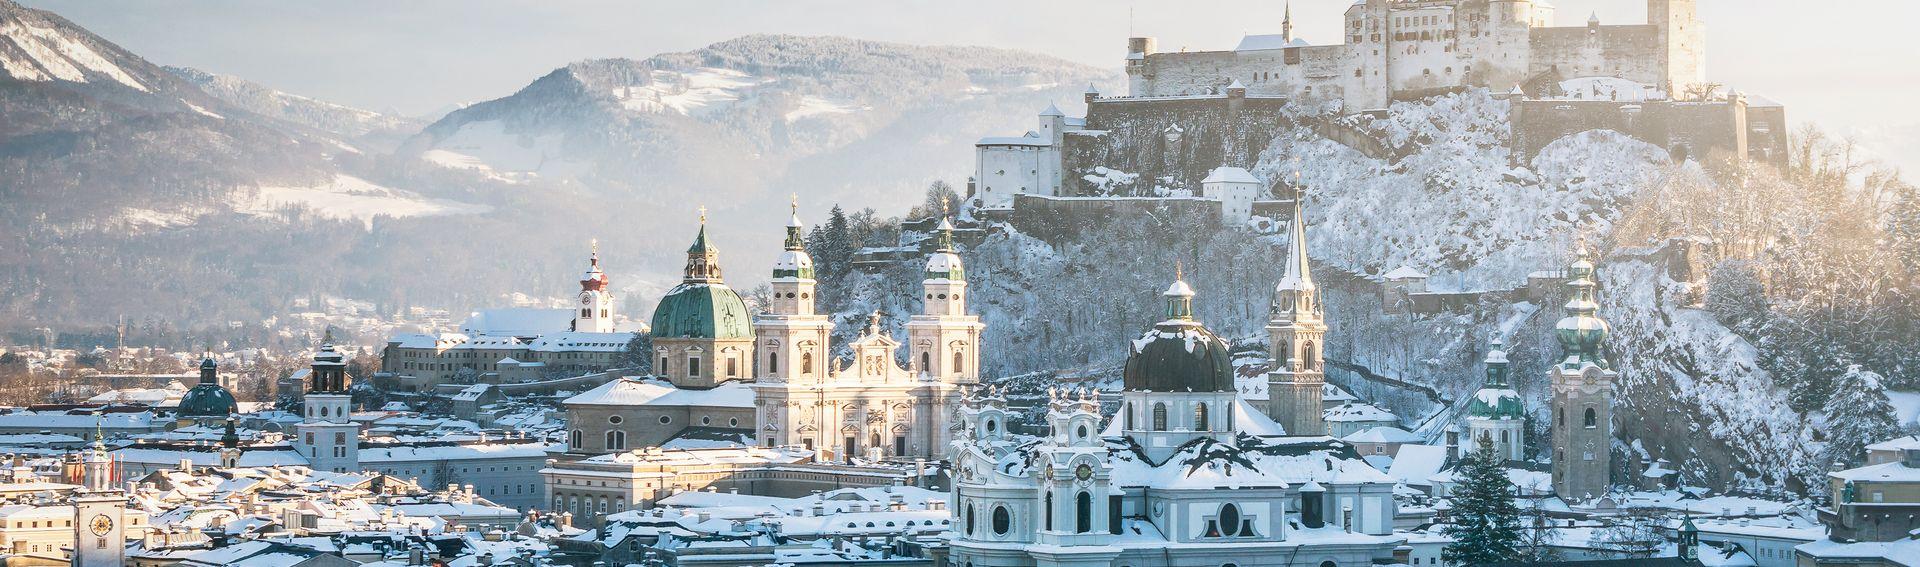 Région de Salzbourg